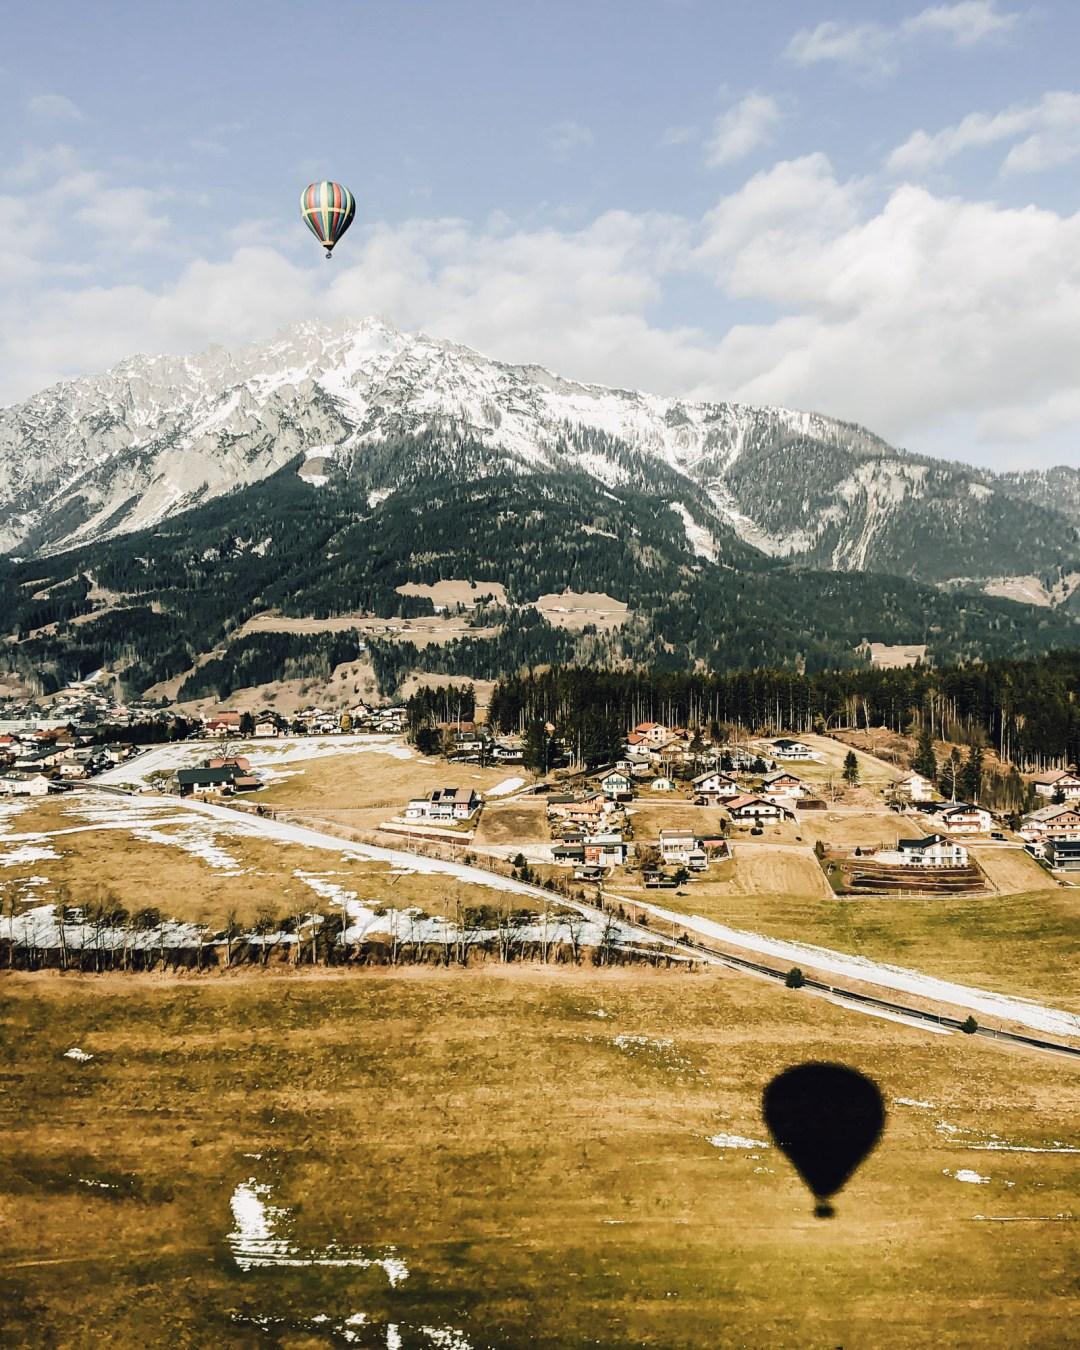 Inastil, Ballonfahrt, Lifestyle, Winter, Austria, Landschaft, Abenteuer, Ü50Blogger, Lifestyleblogger, Österreich,-26